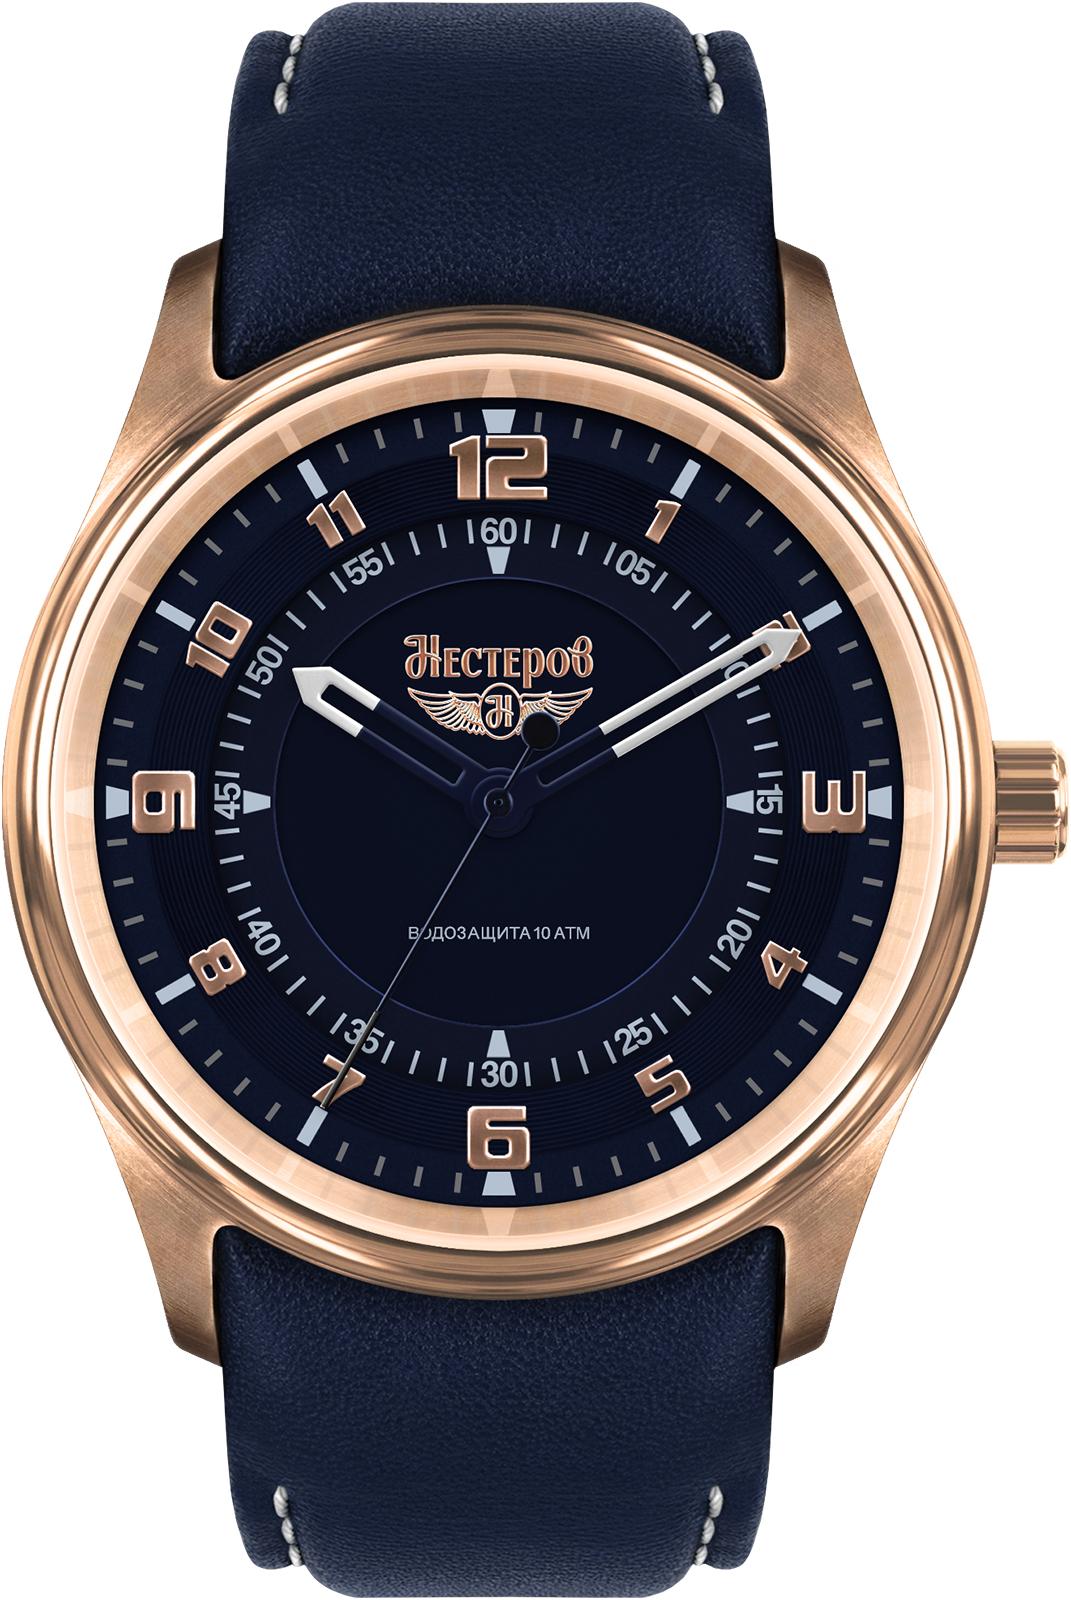 купить Наручные часы Нестеров H0273B52-05B по цене 8090 рублей